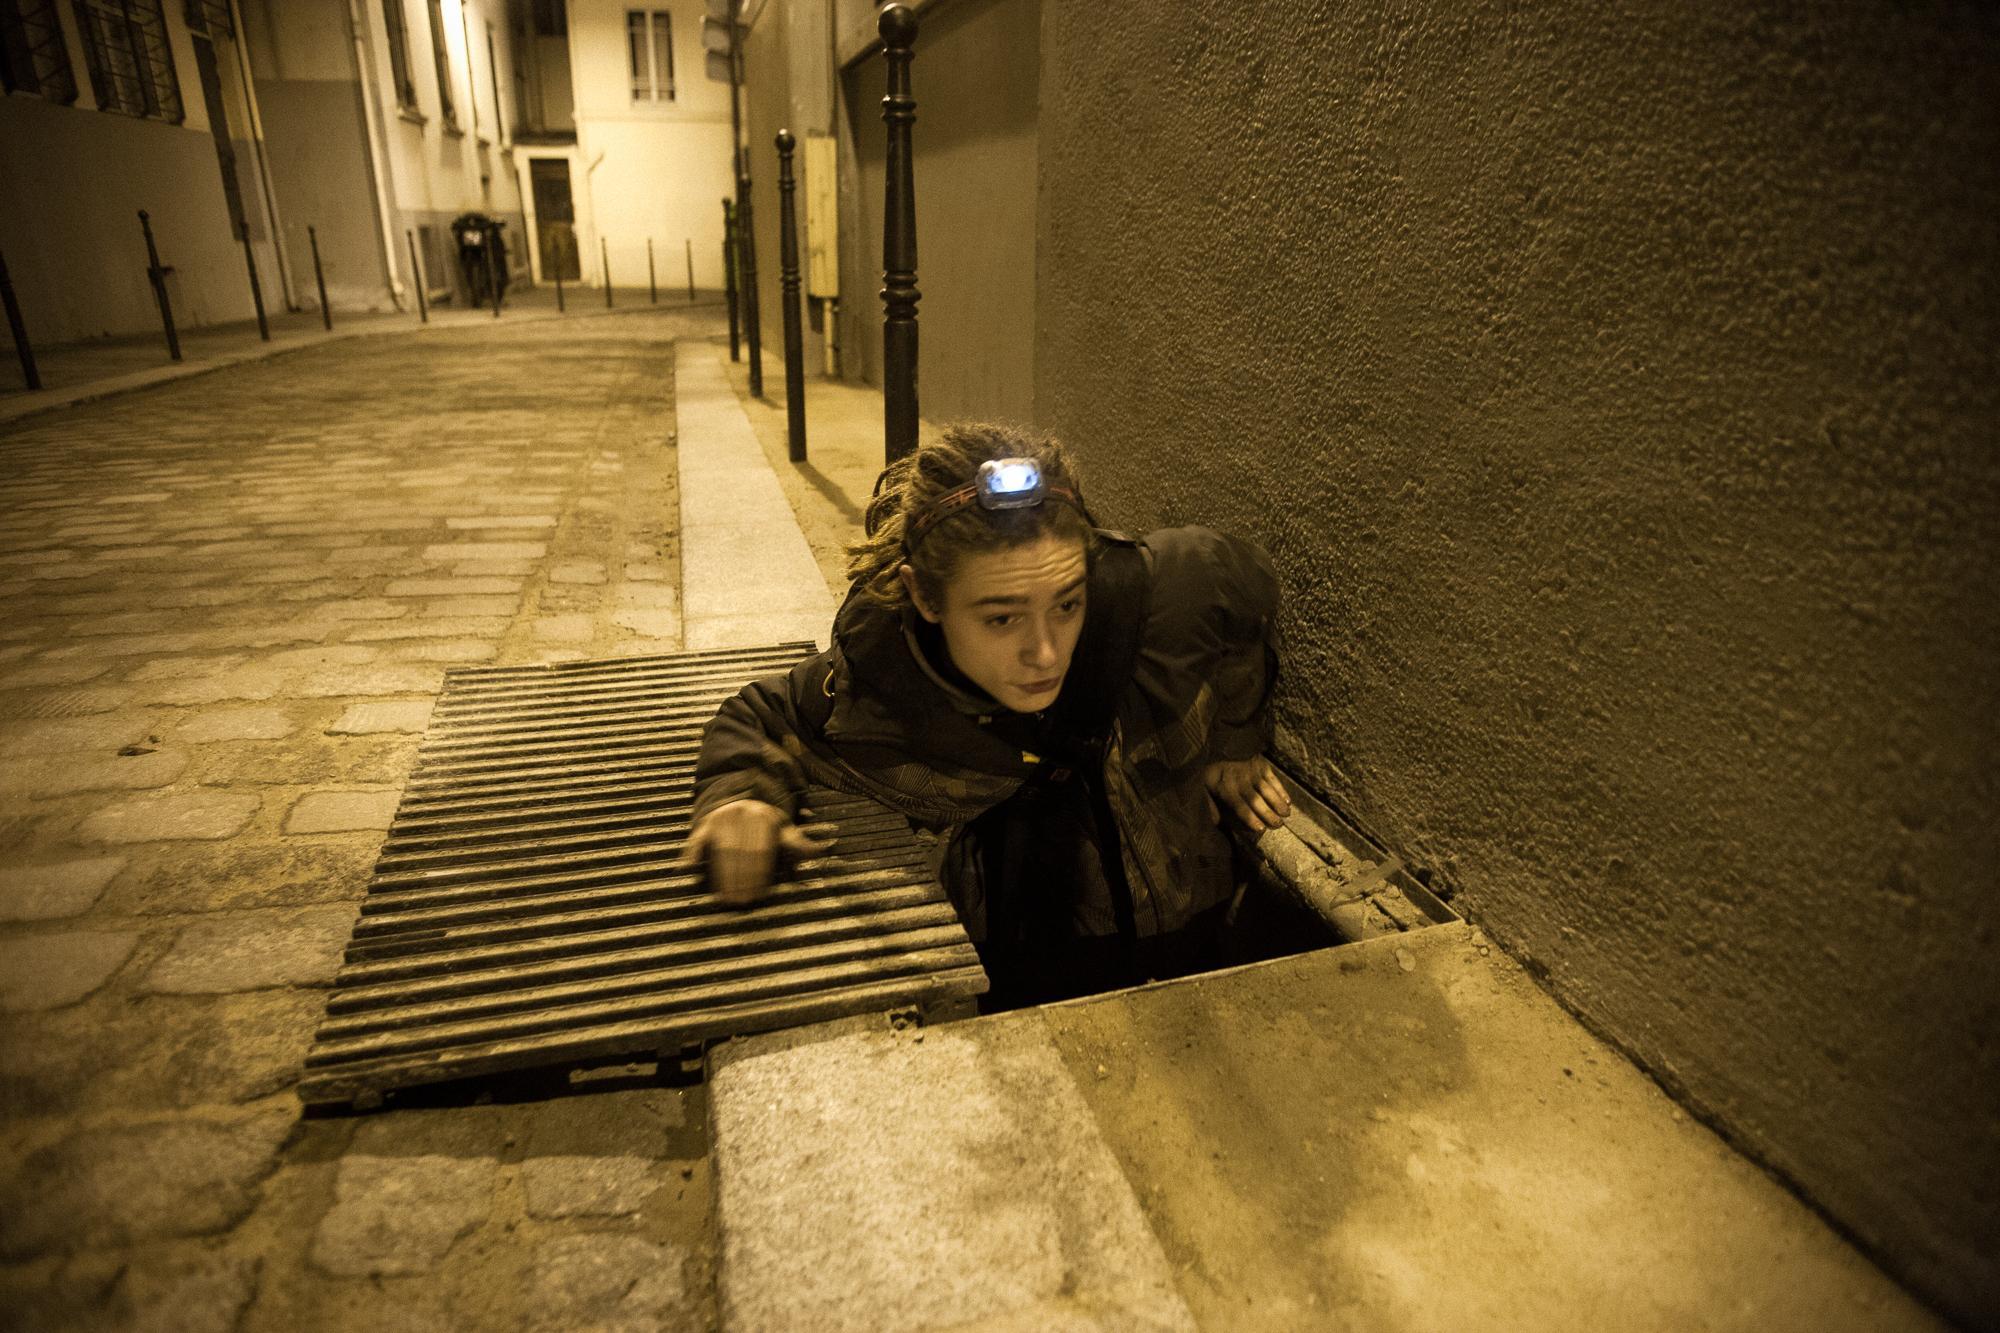 Looking for a squat. Some buildings are accessible through utility tunnels. Recherche de squats. Certains bâtiments sont accessibles par les galeries techniques souterraines.